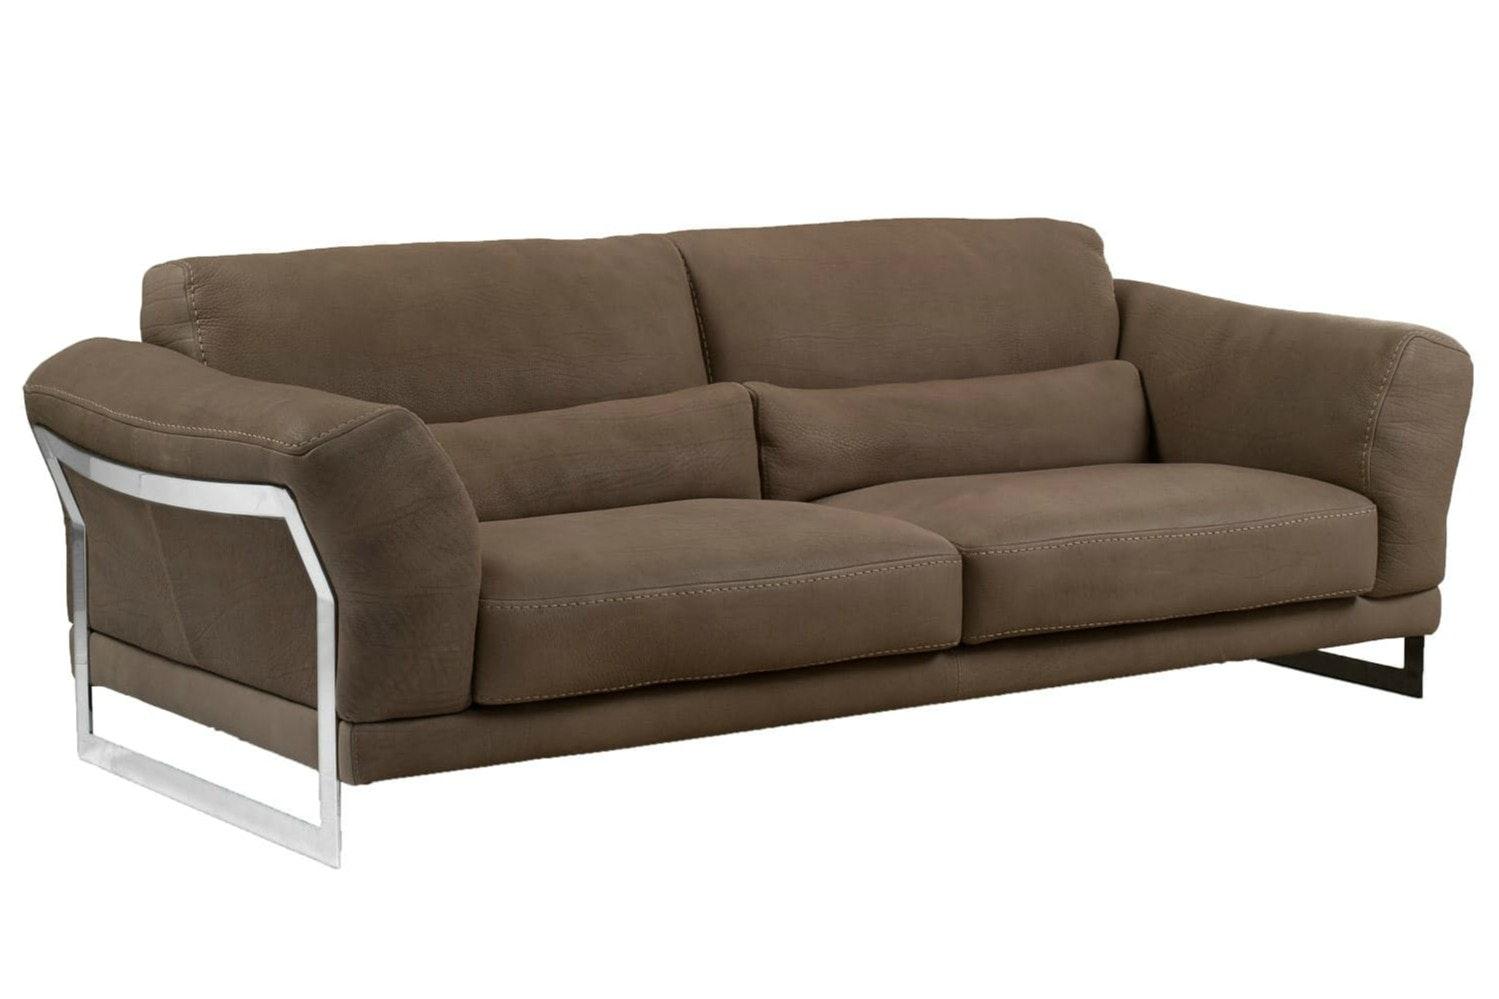 Giotto 2.5 Seater Sofa